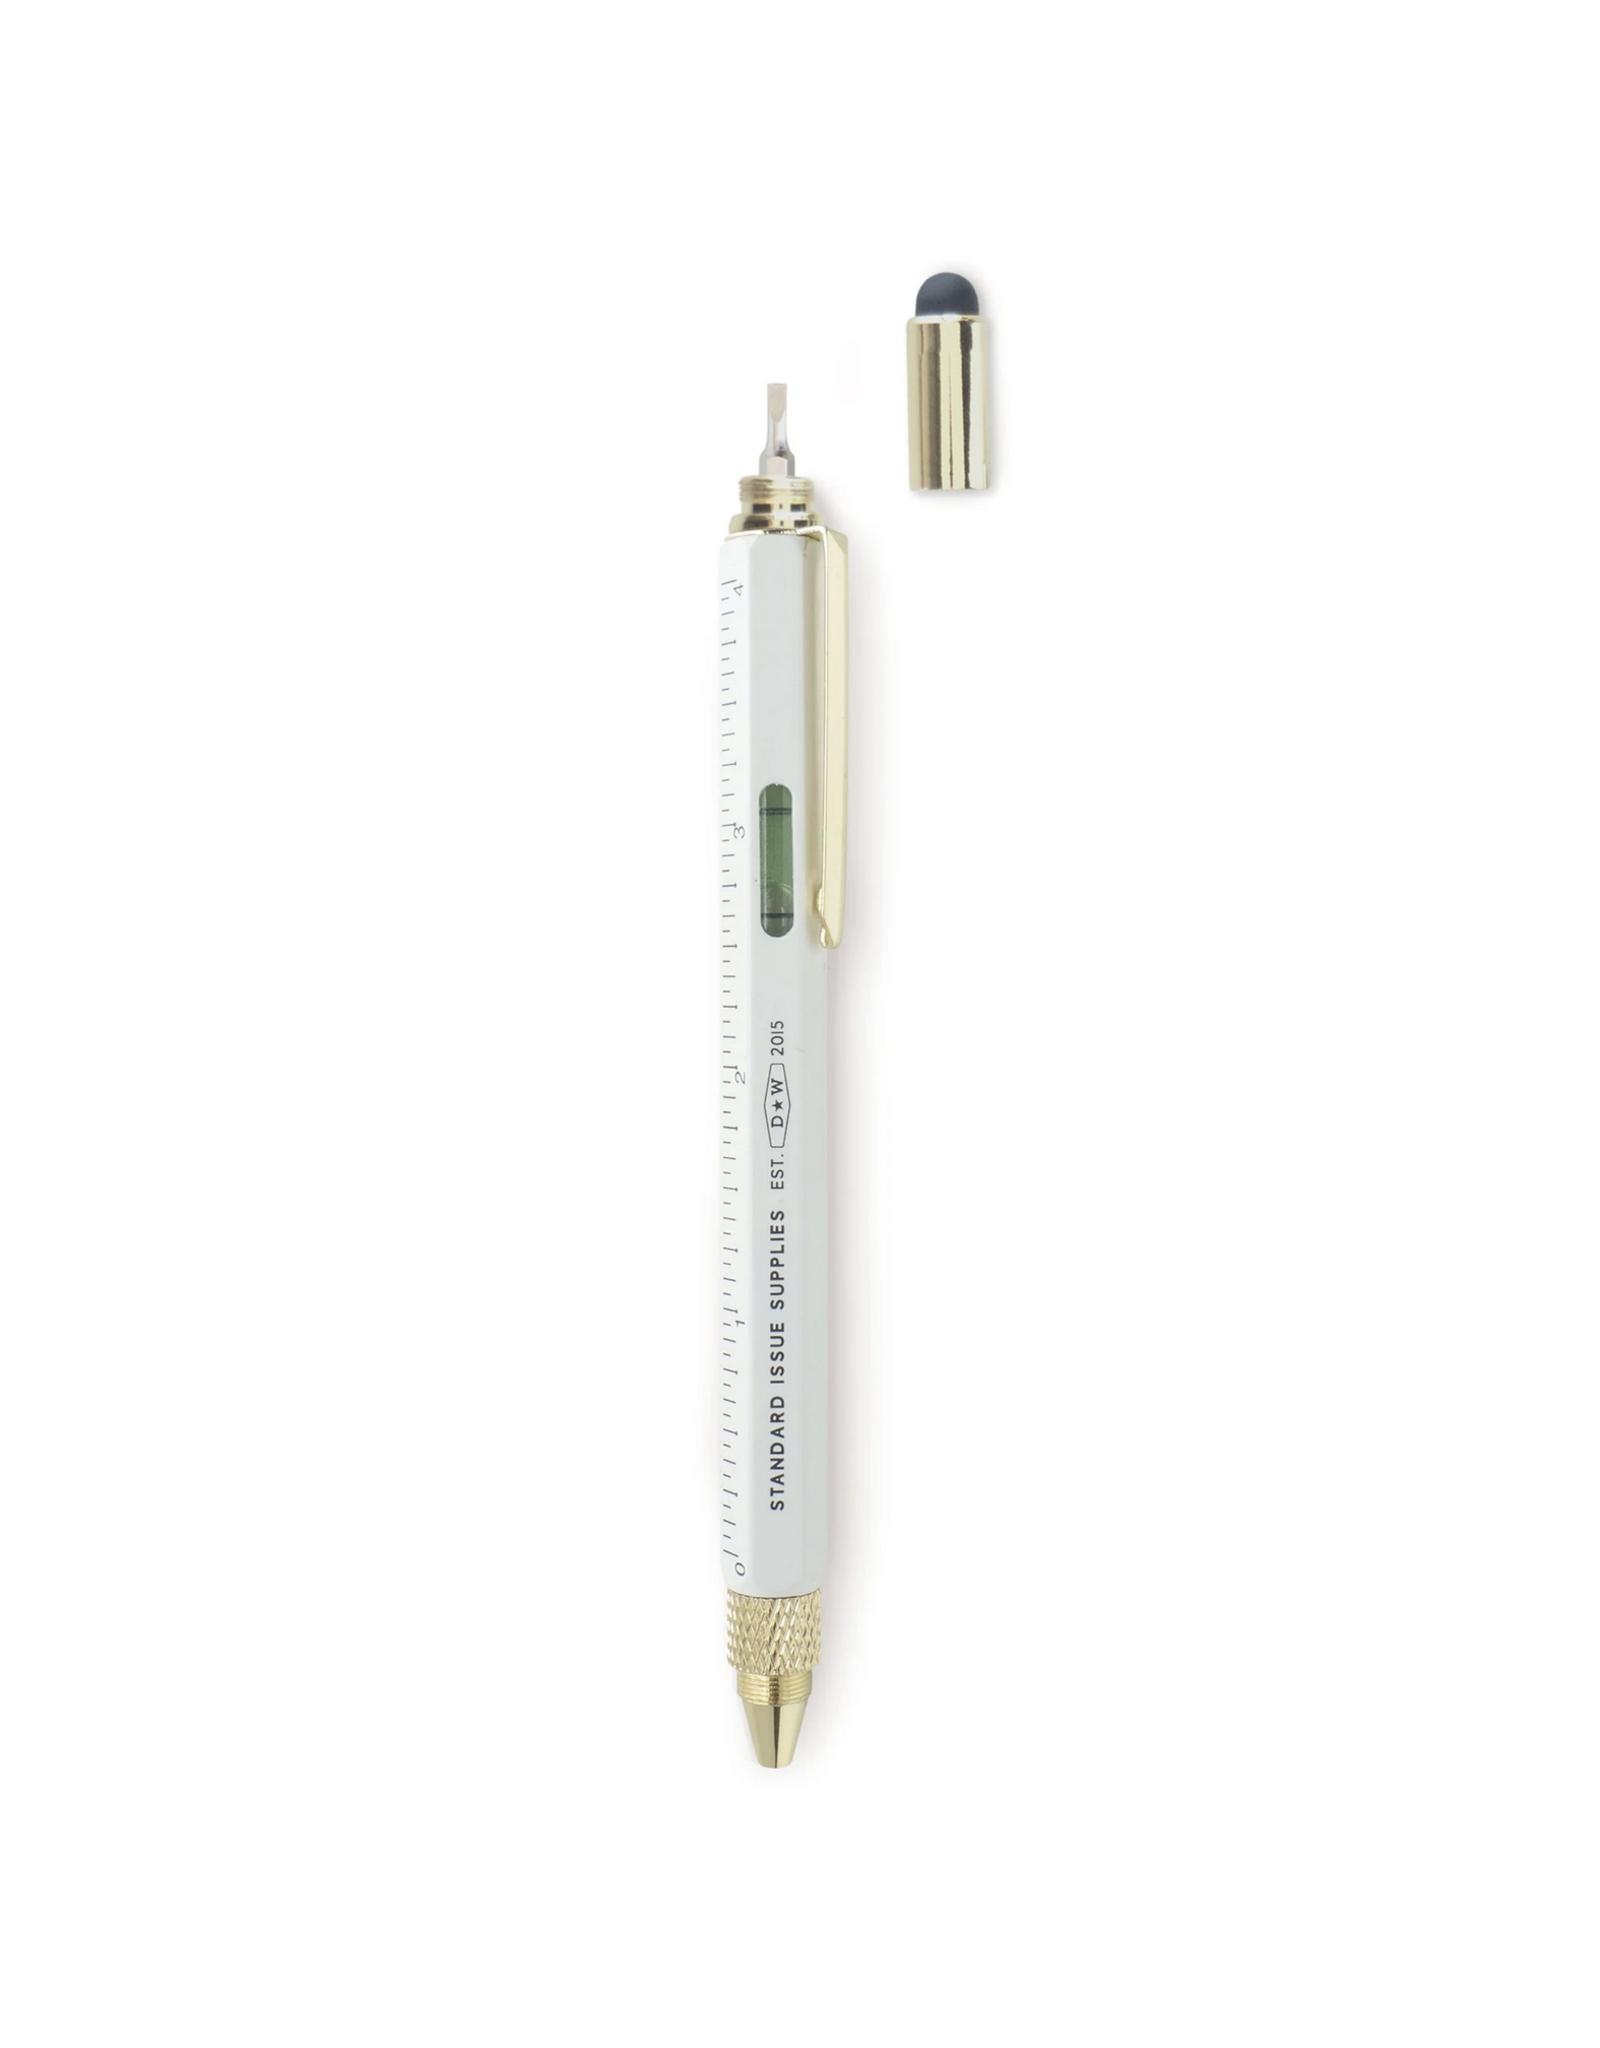 Multi-Tool Pen - Cream